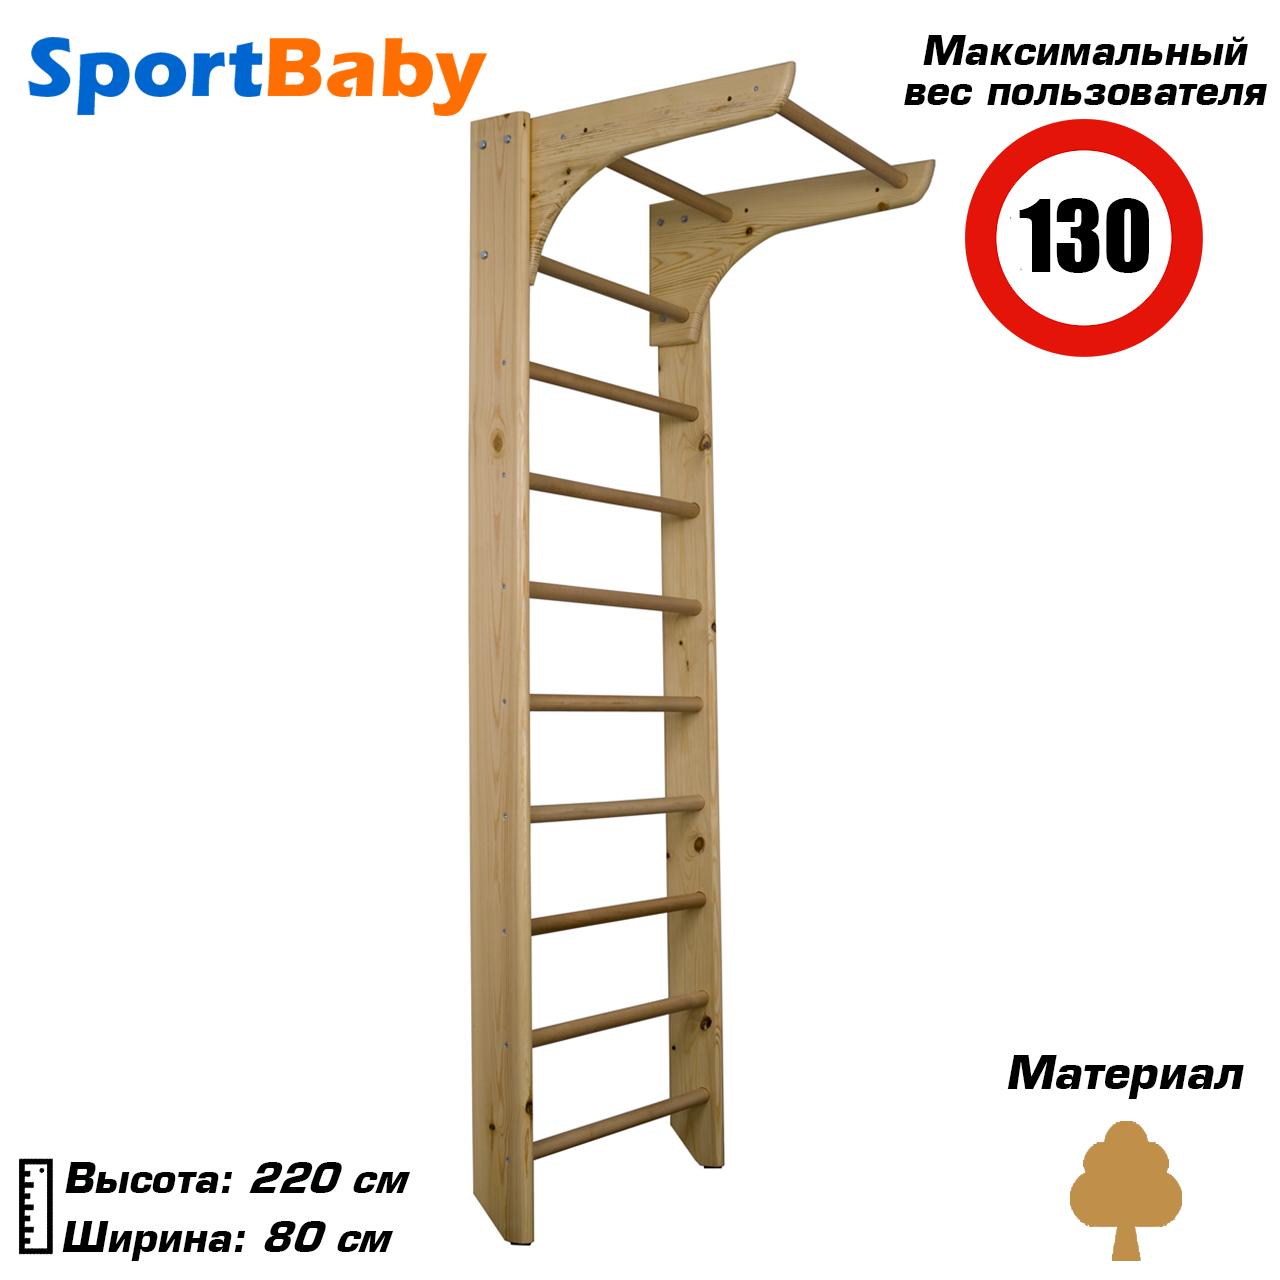 Шведская стенка для детей с турником «Kinder 1-220»